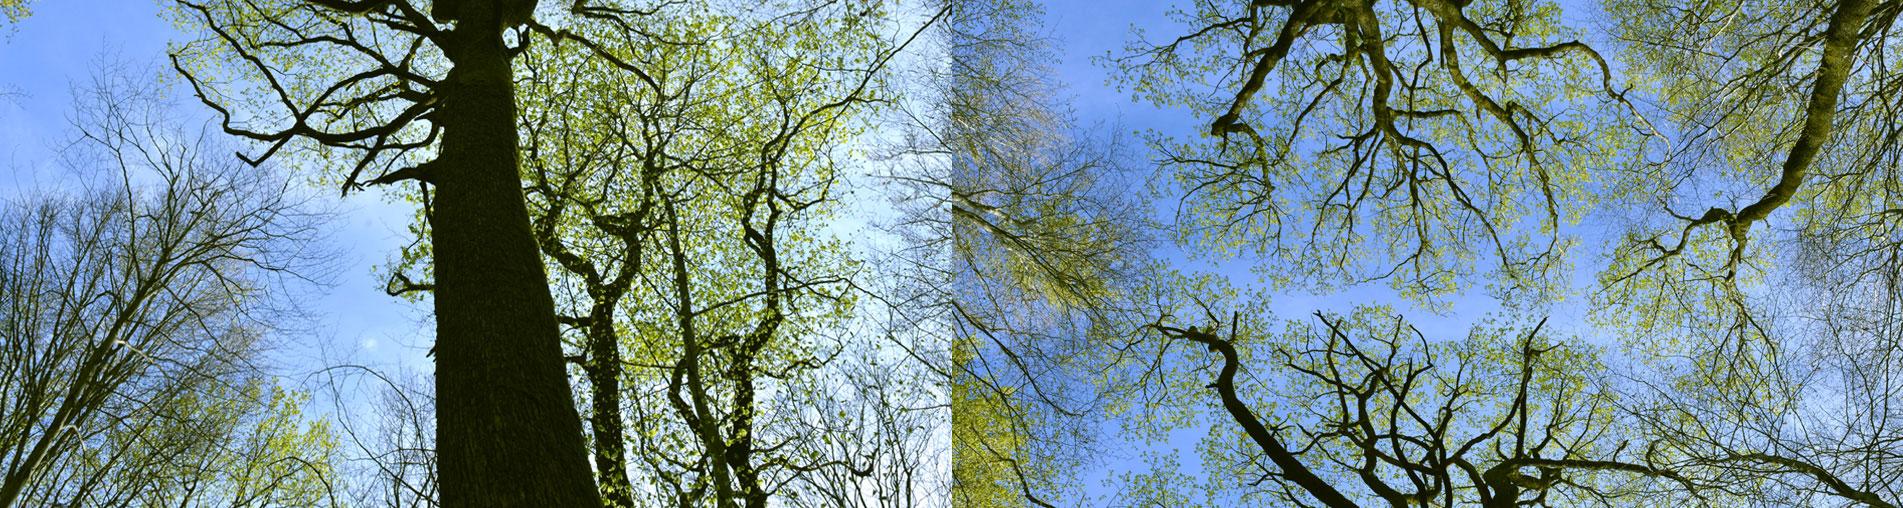 + de Nature | Paysage